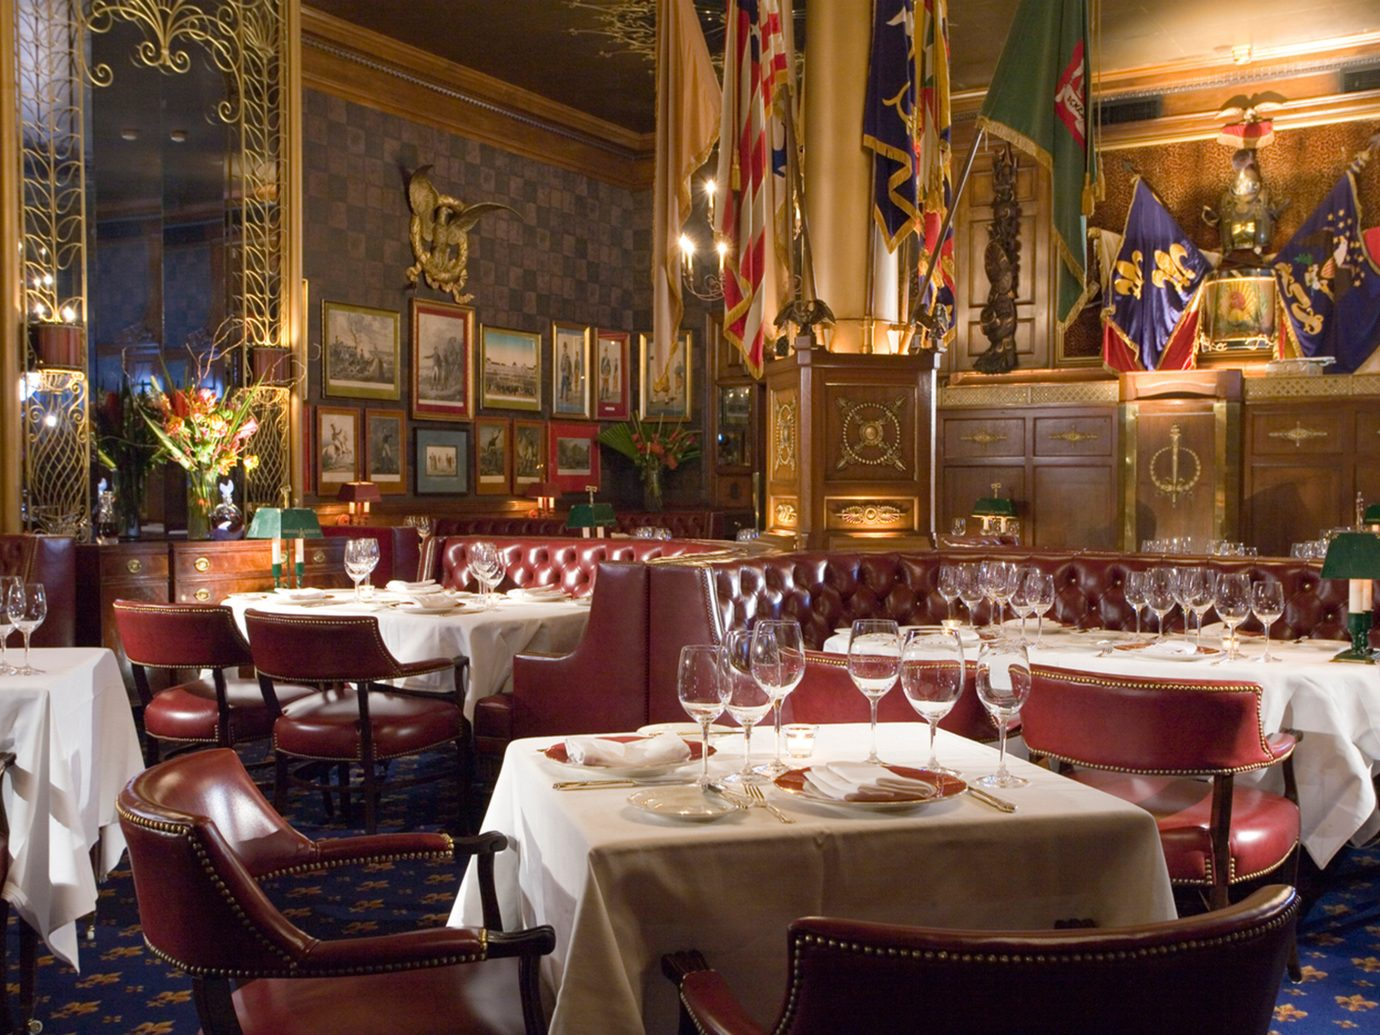 Bar Dining Drink Eat Elegant Historic Hotels meal restaurant function hall several